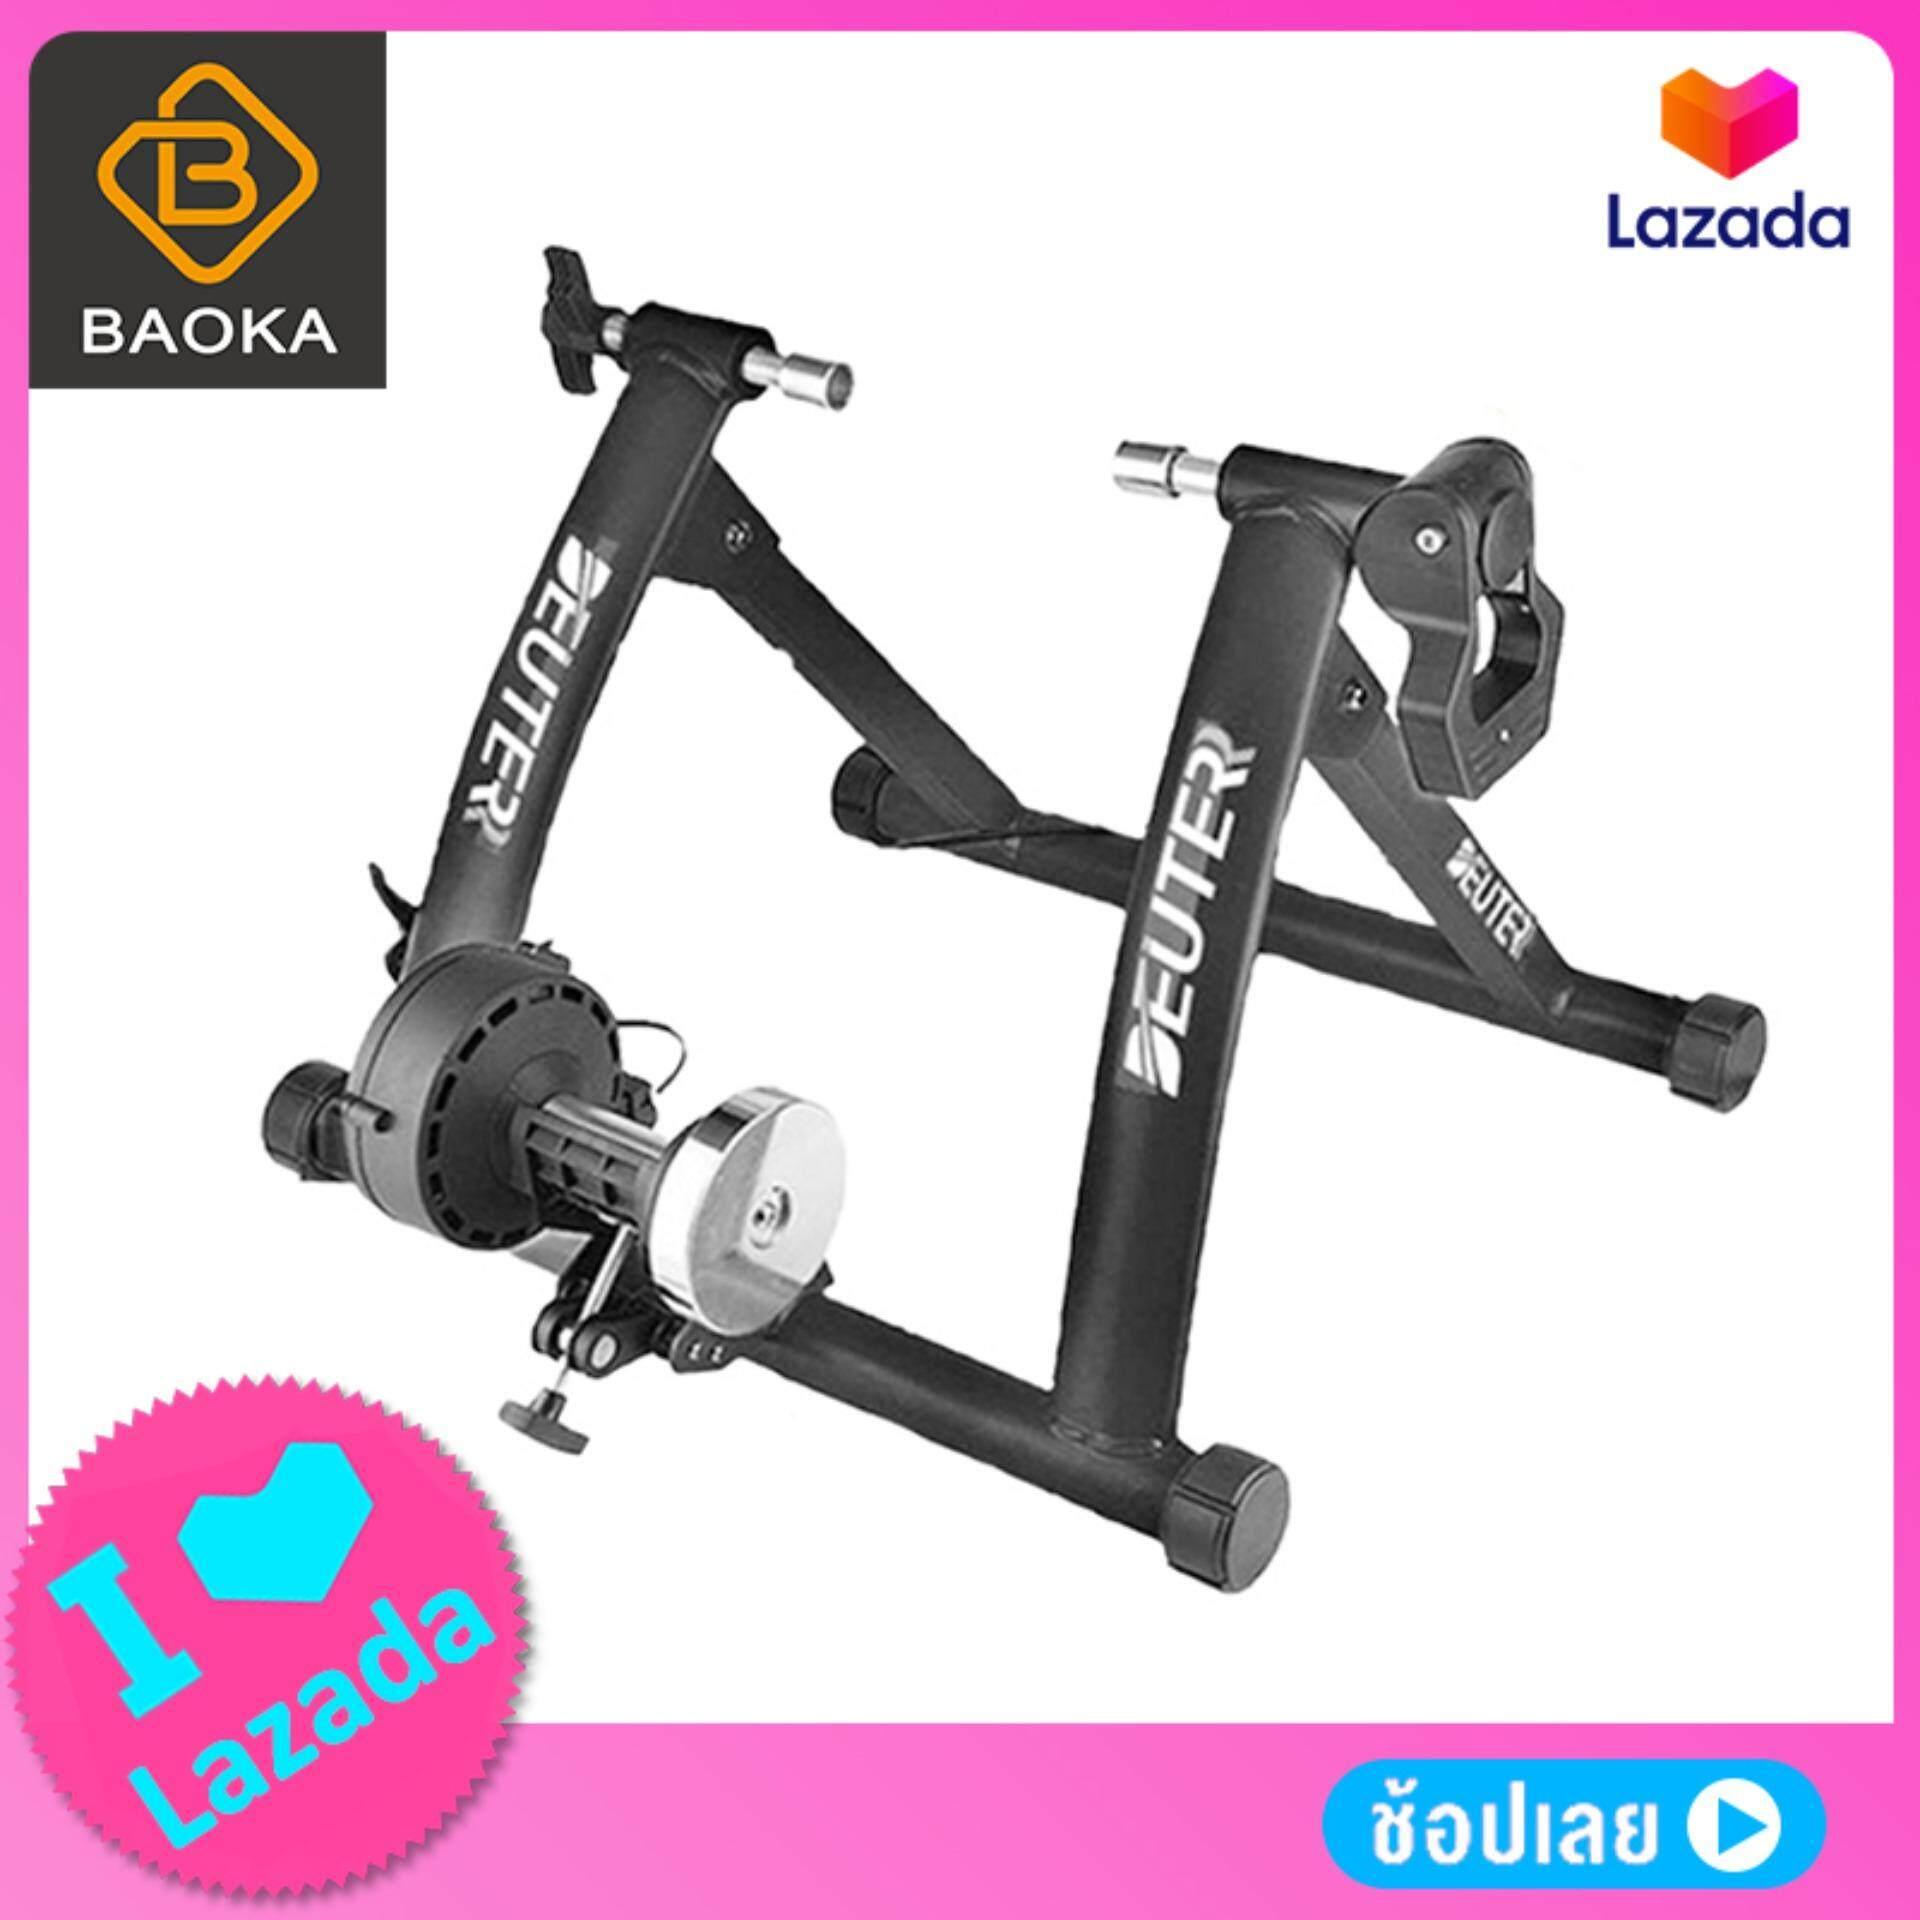 Baoka เทรนเนอร์จักรยาน รุ่น MT-04 มีสายรีโมทปรับความหนืด 6 ระดับ Bike Trainer รุ่นใหม่